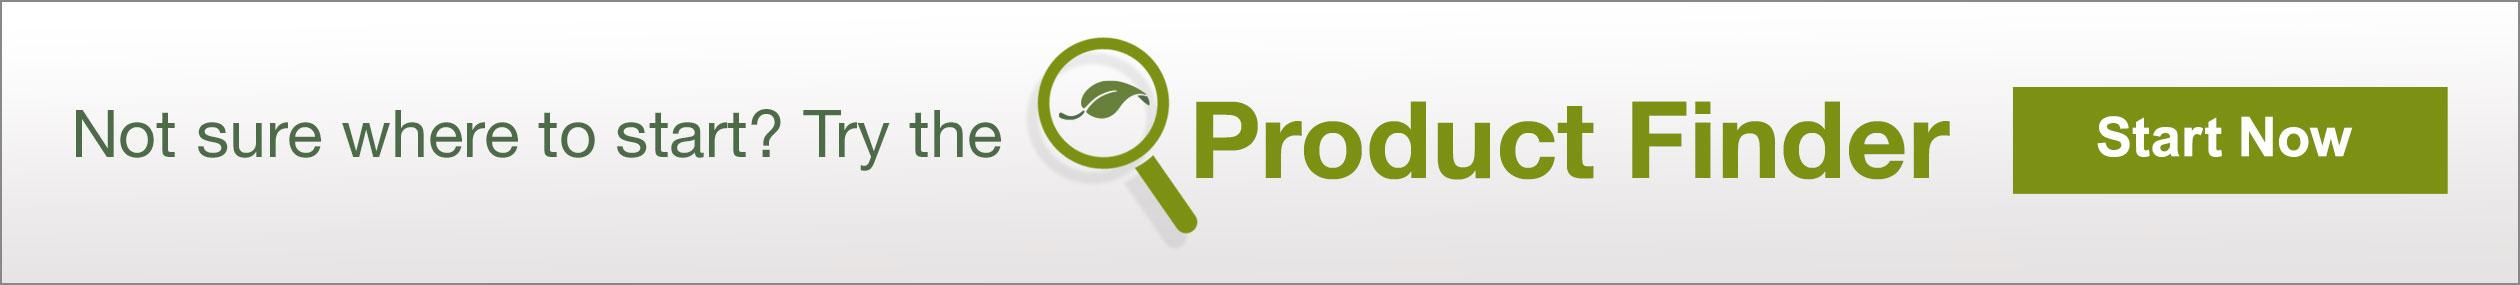 PetAlive Product Finder